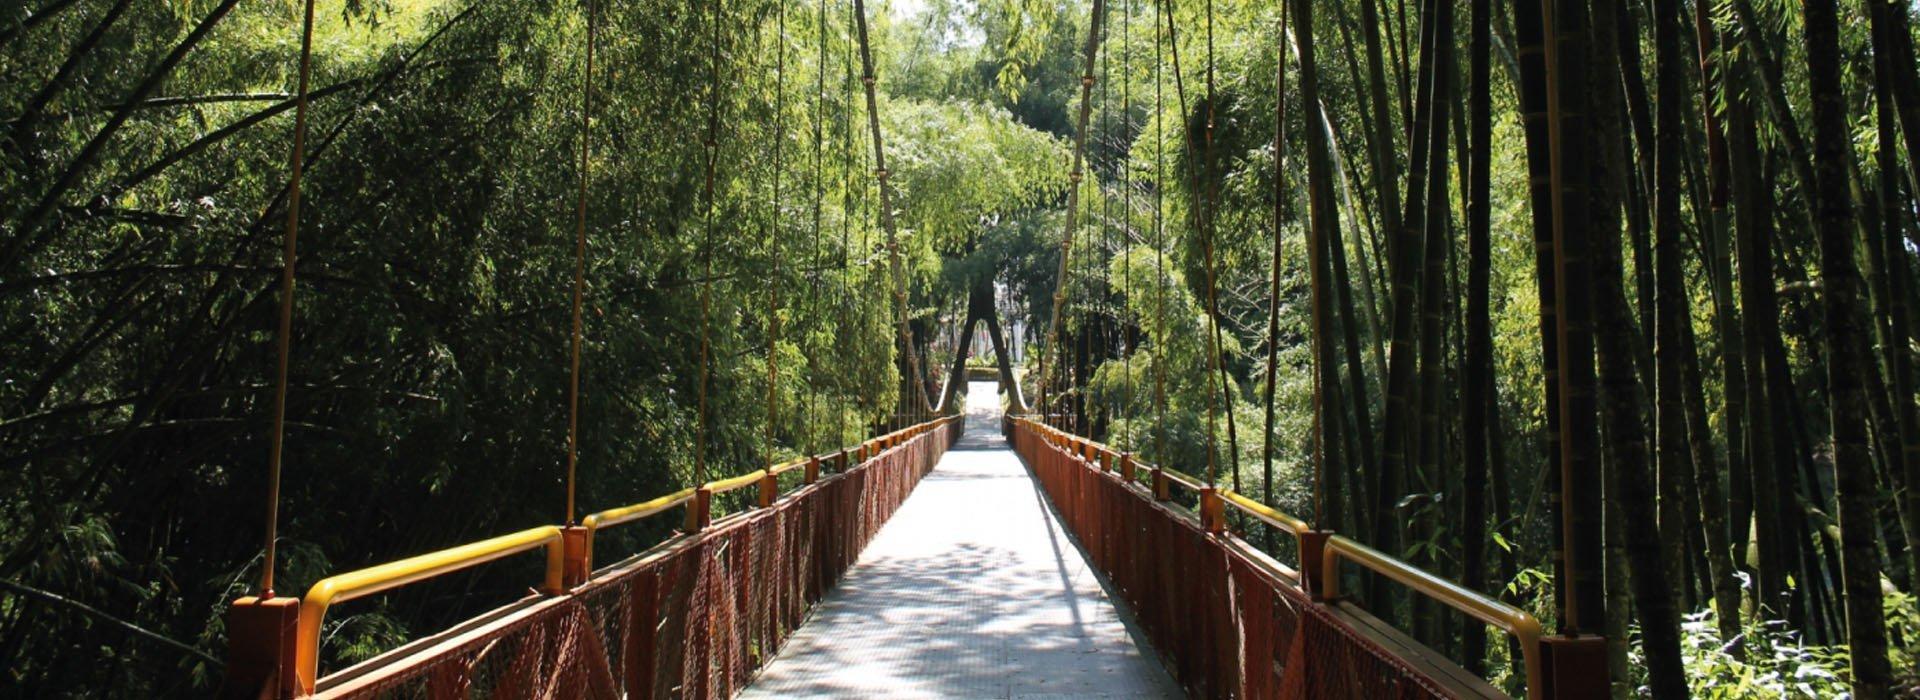 Foto del Puente Colgante en el Parque del Café